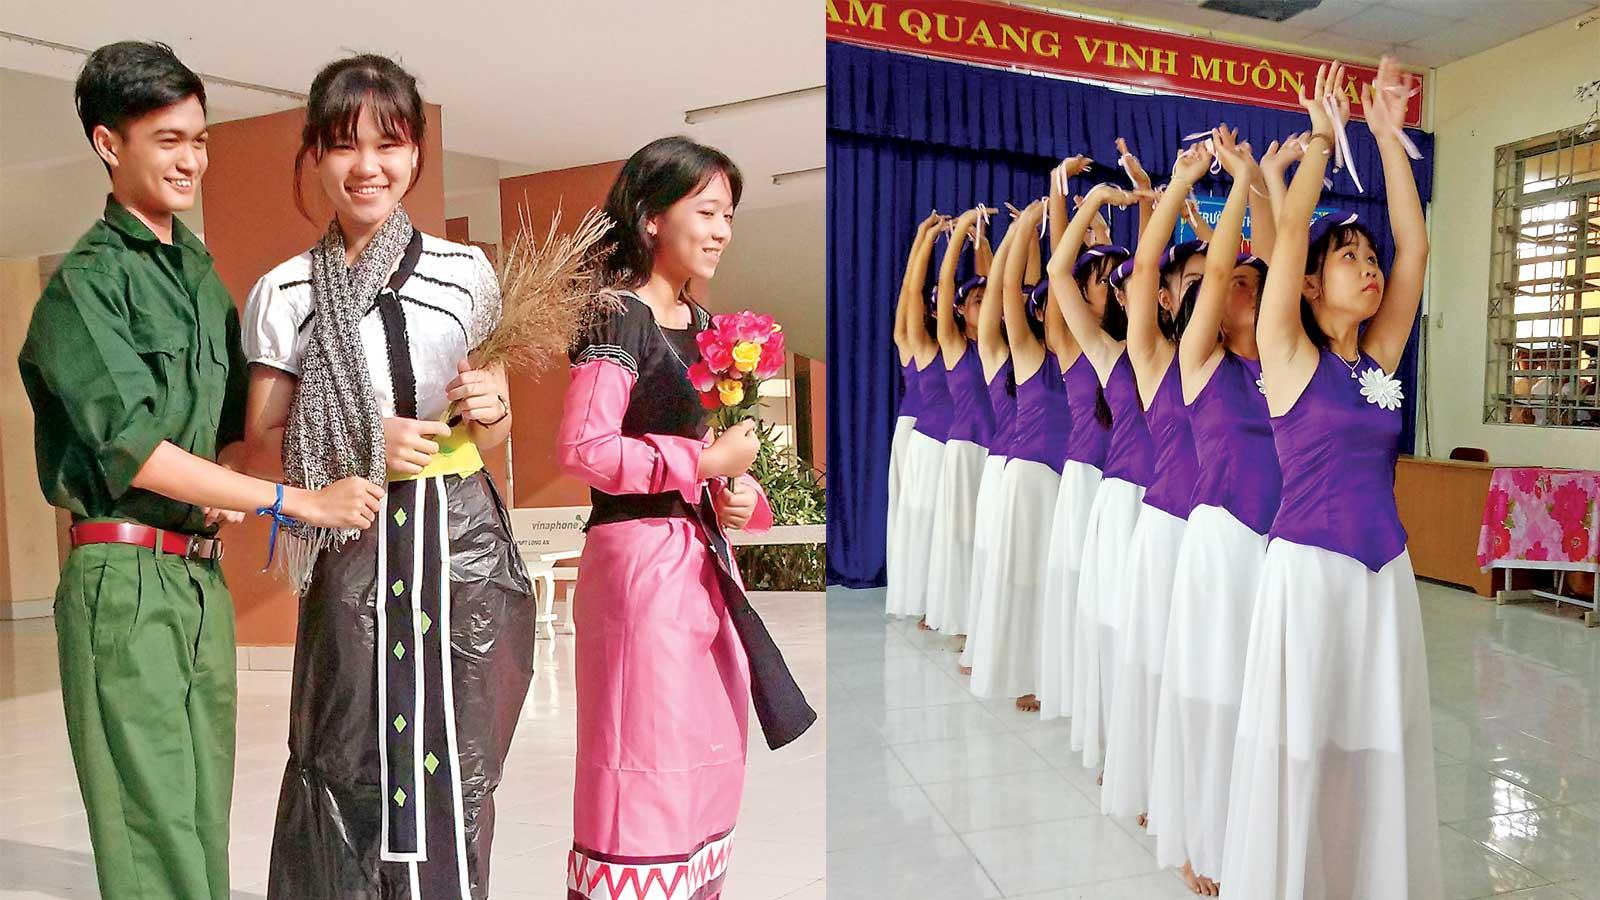 Hoạt động sân khấu hóa tác phẩm văn học của Trường THPT Chuyên Long An